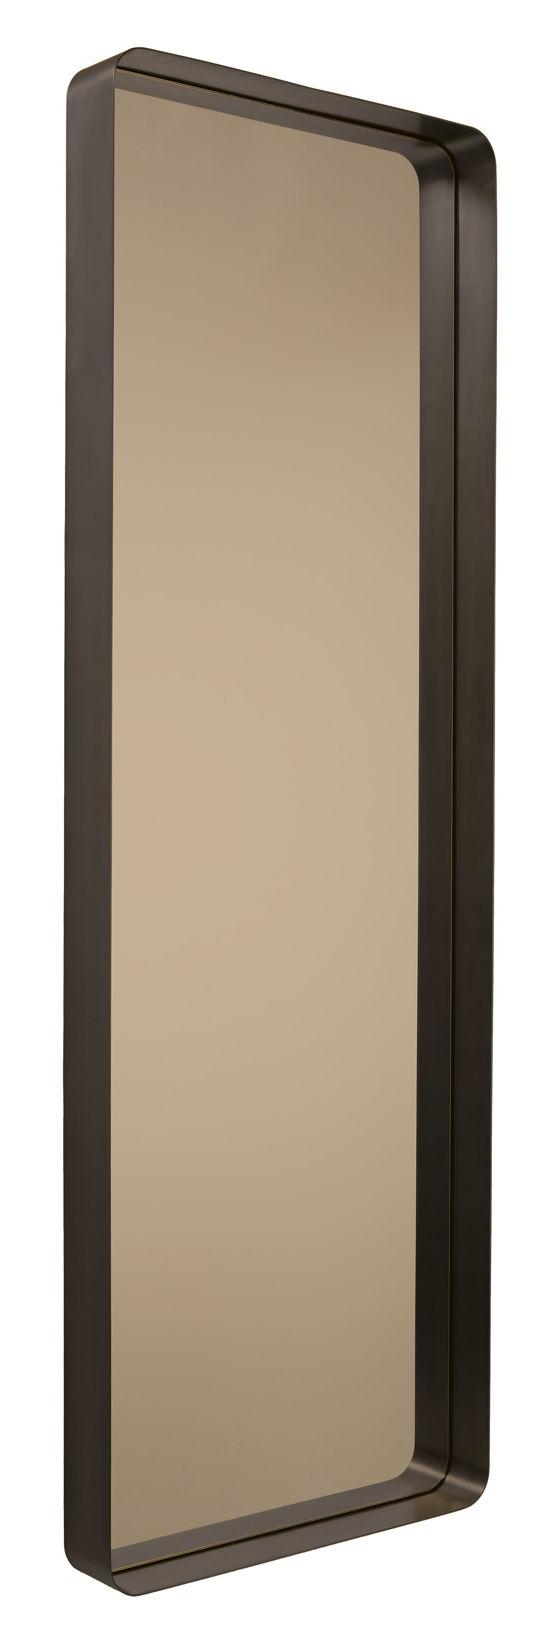 Déco - Miroirs - Miroir Cypris / à poser ou suspendre - 60 x 180 cm - ClassiCon - Brun / Miroir bronze - Laiton massif bruni, Verre fumé